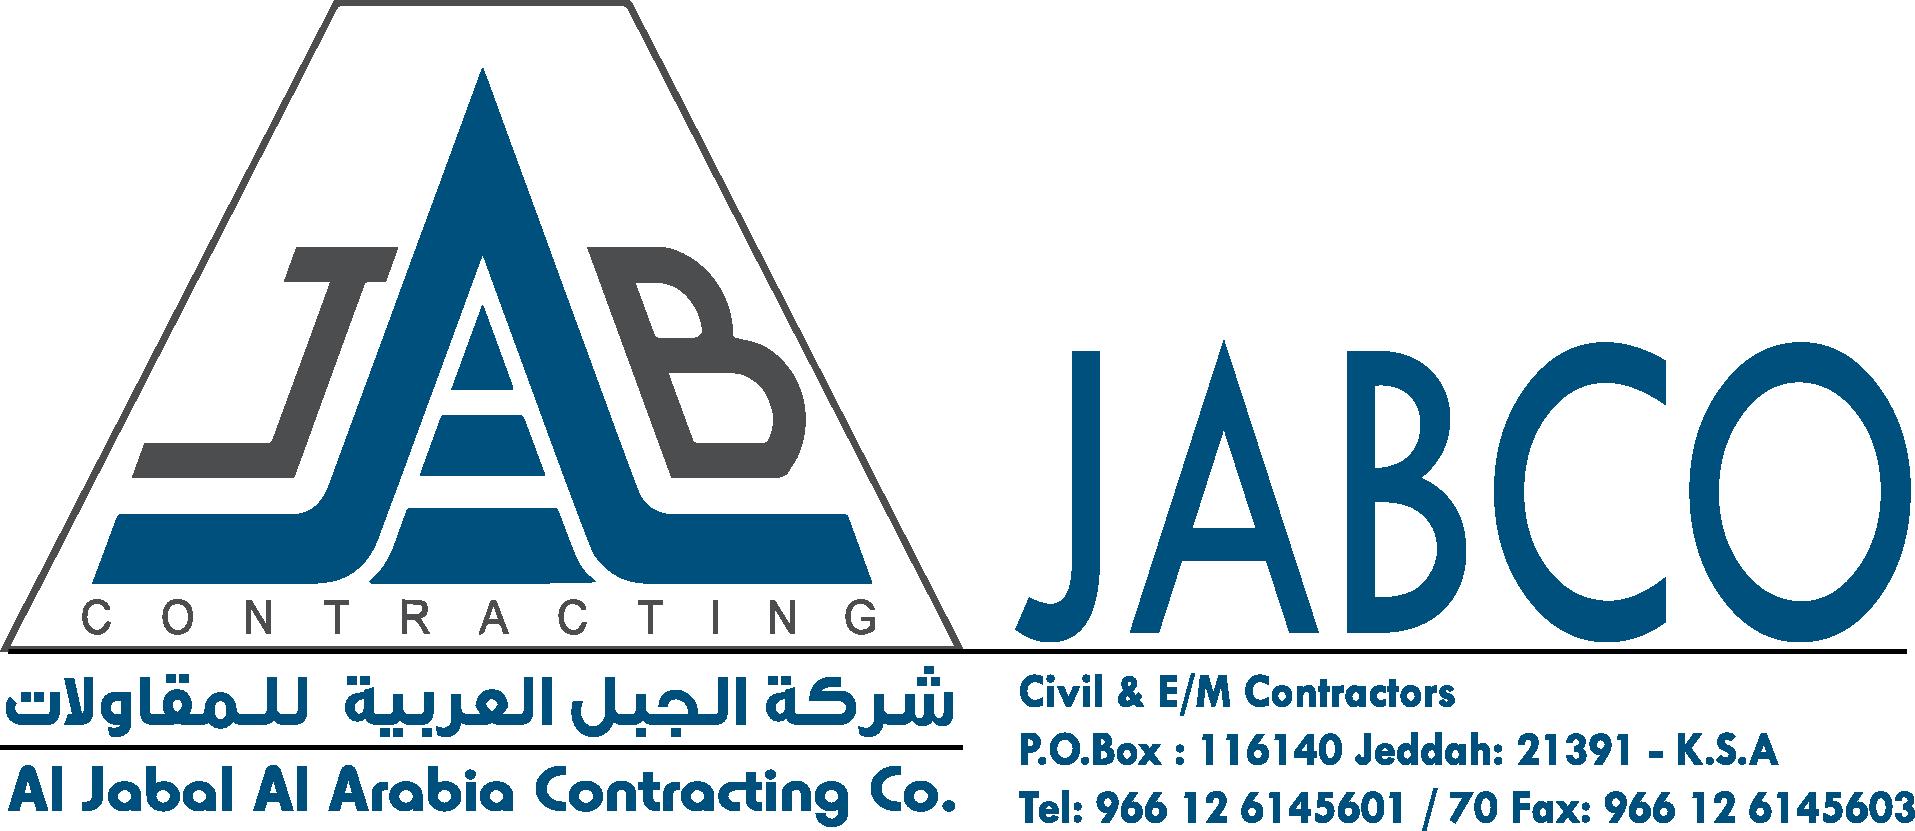 Al Rajhi Steel Factory - Al Jabal Al Arabia Contracting Company